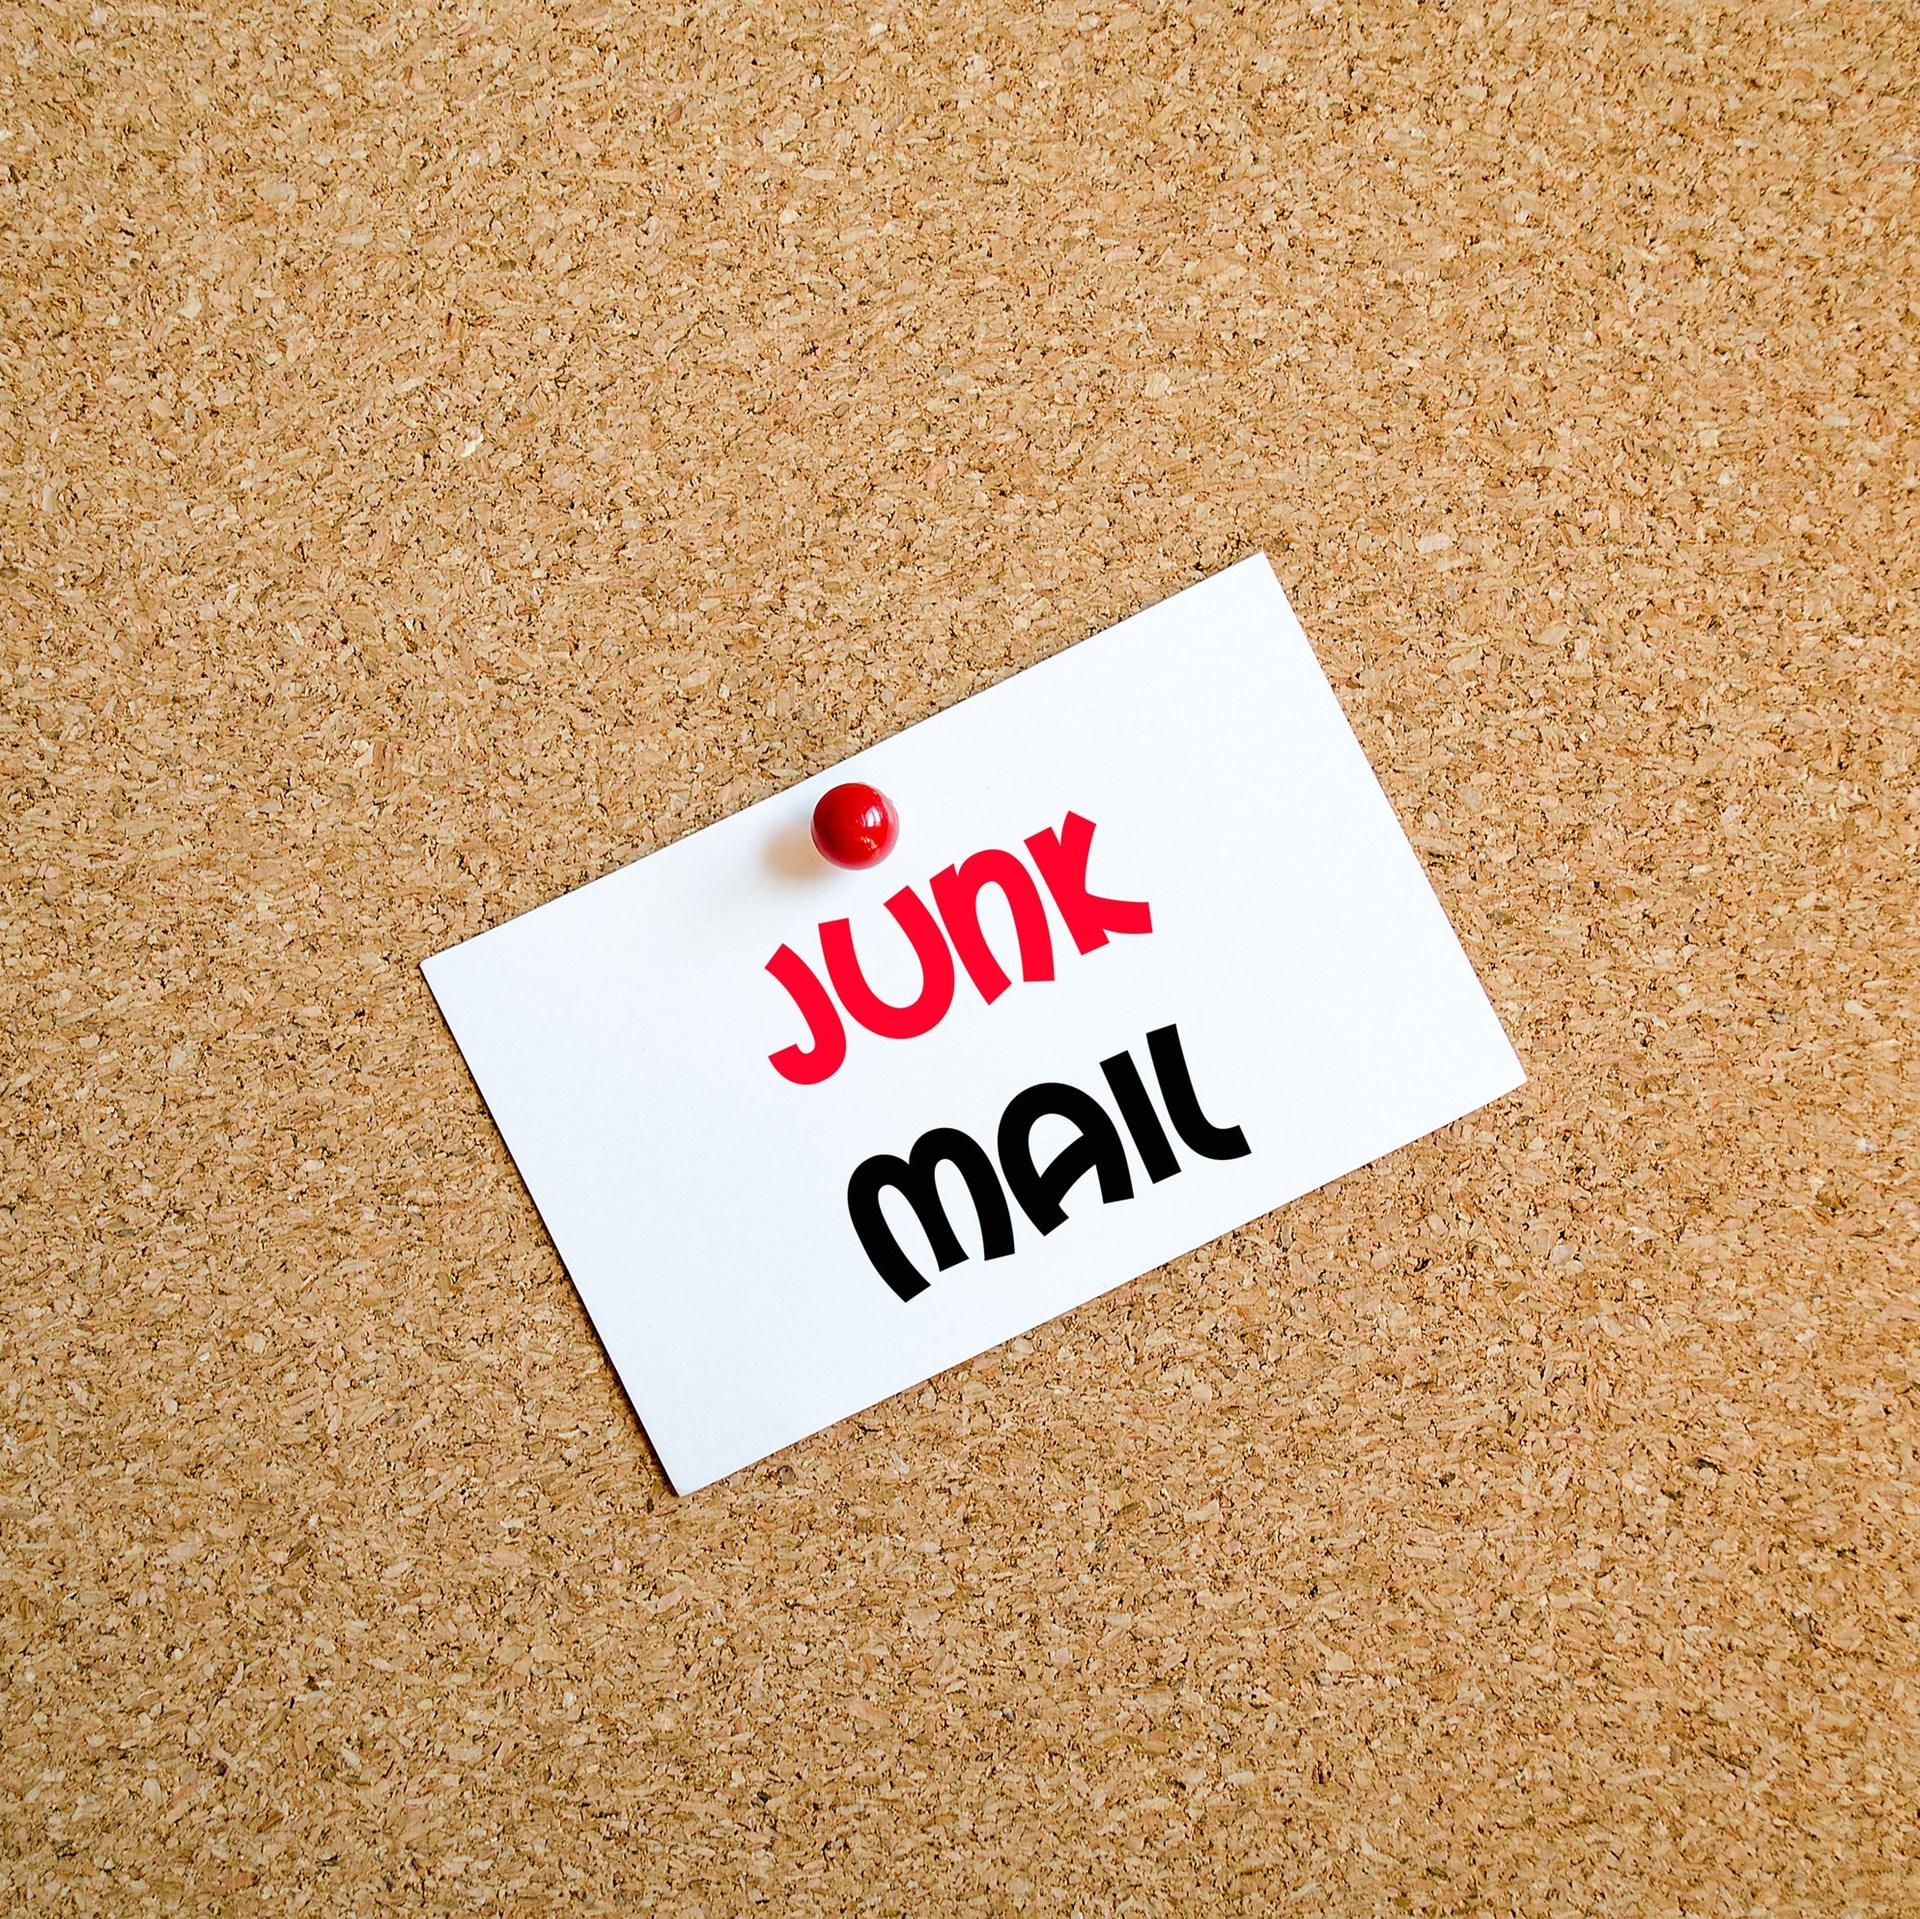 junkmail news.jpg